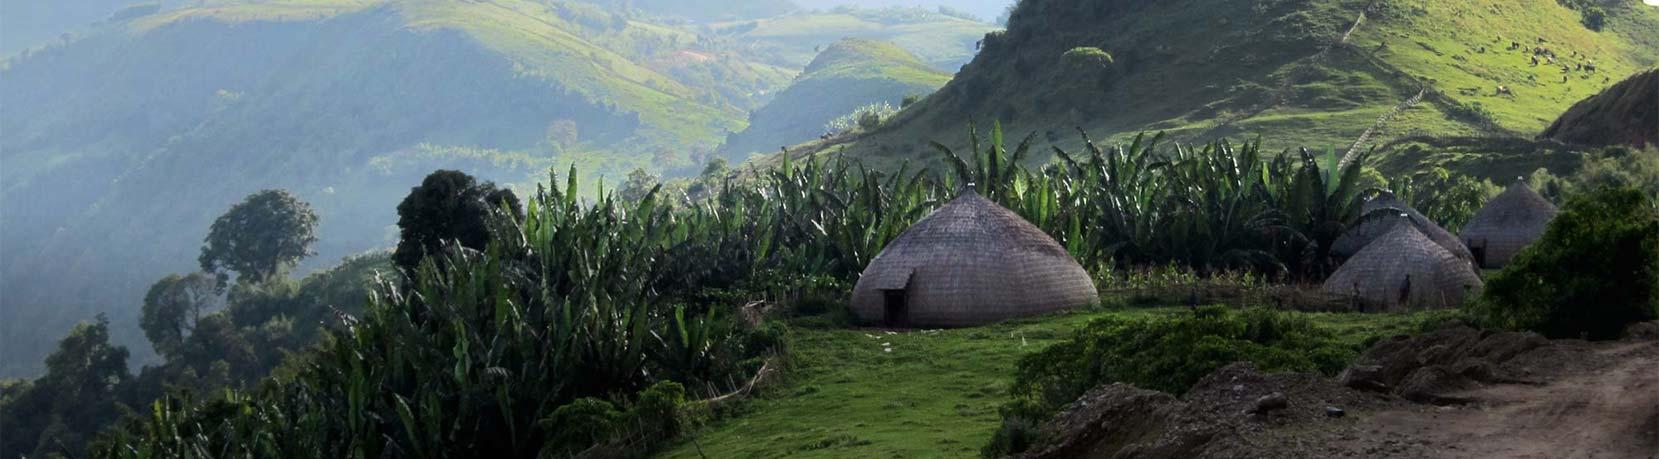 ¿Qué me espera en Etiopía? Ciudades Históricas: Lalibela, Bahar Dar, Gonder, Axum, Harar...